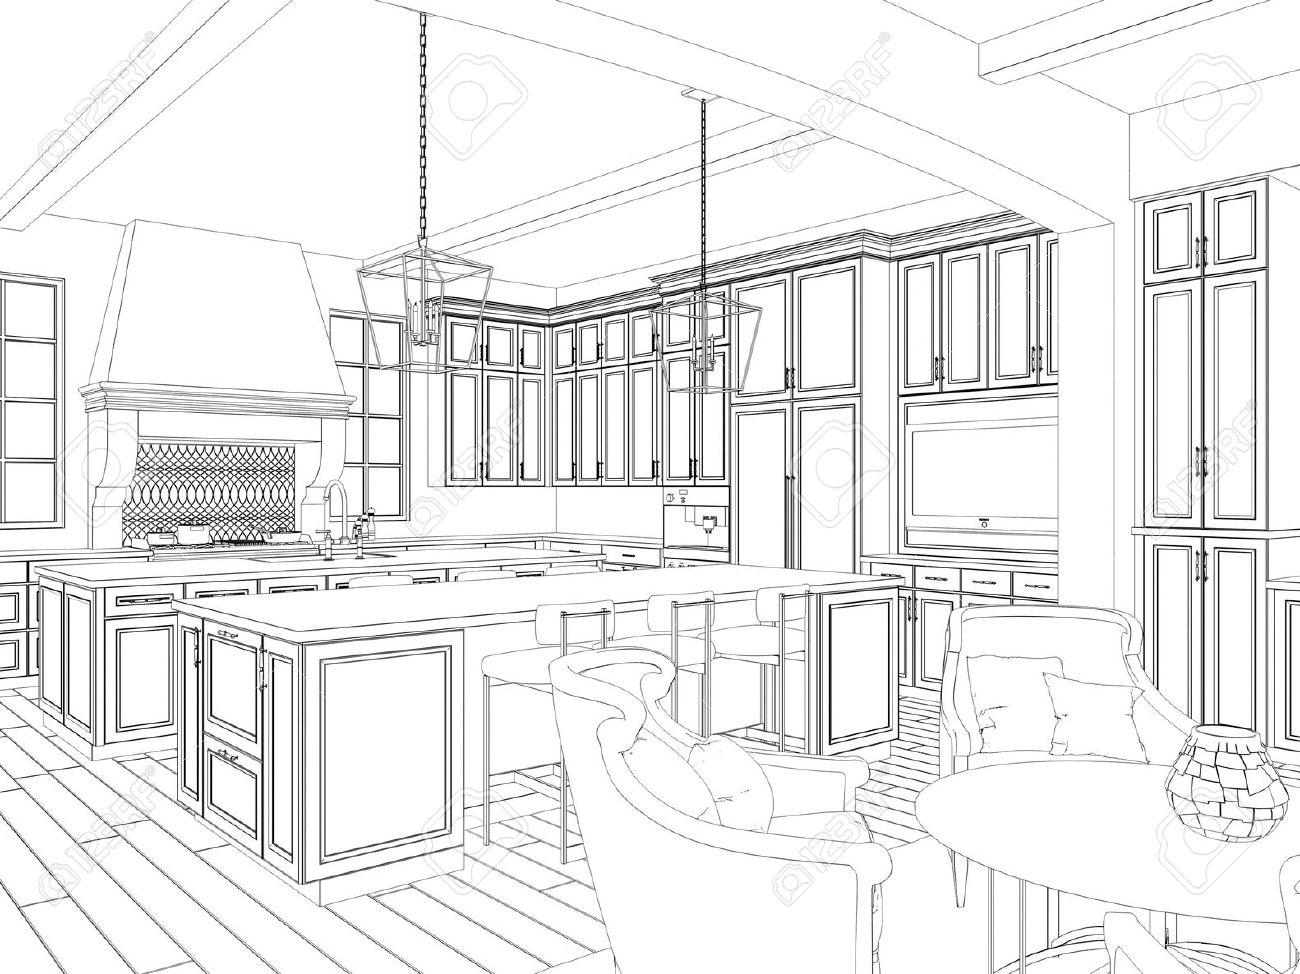 Kuche 3d Zeichnen Haus Planen Zeichnen